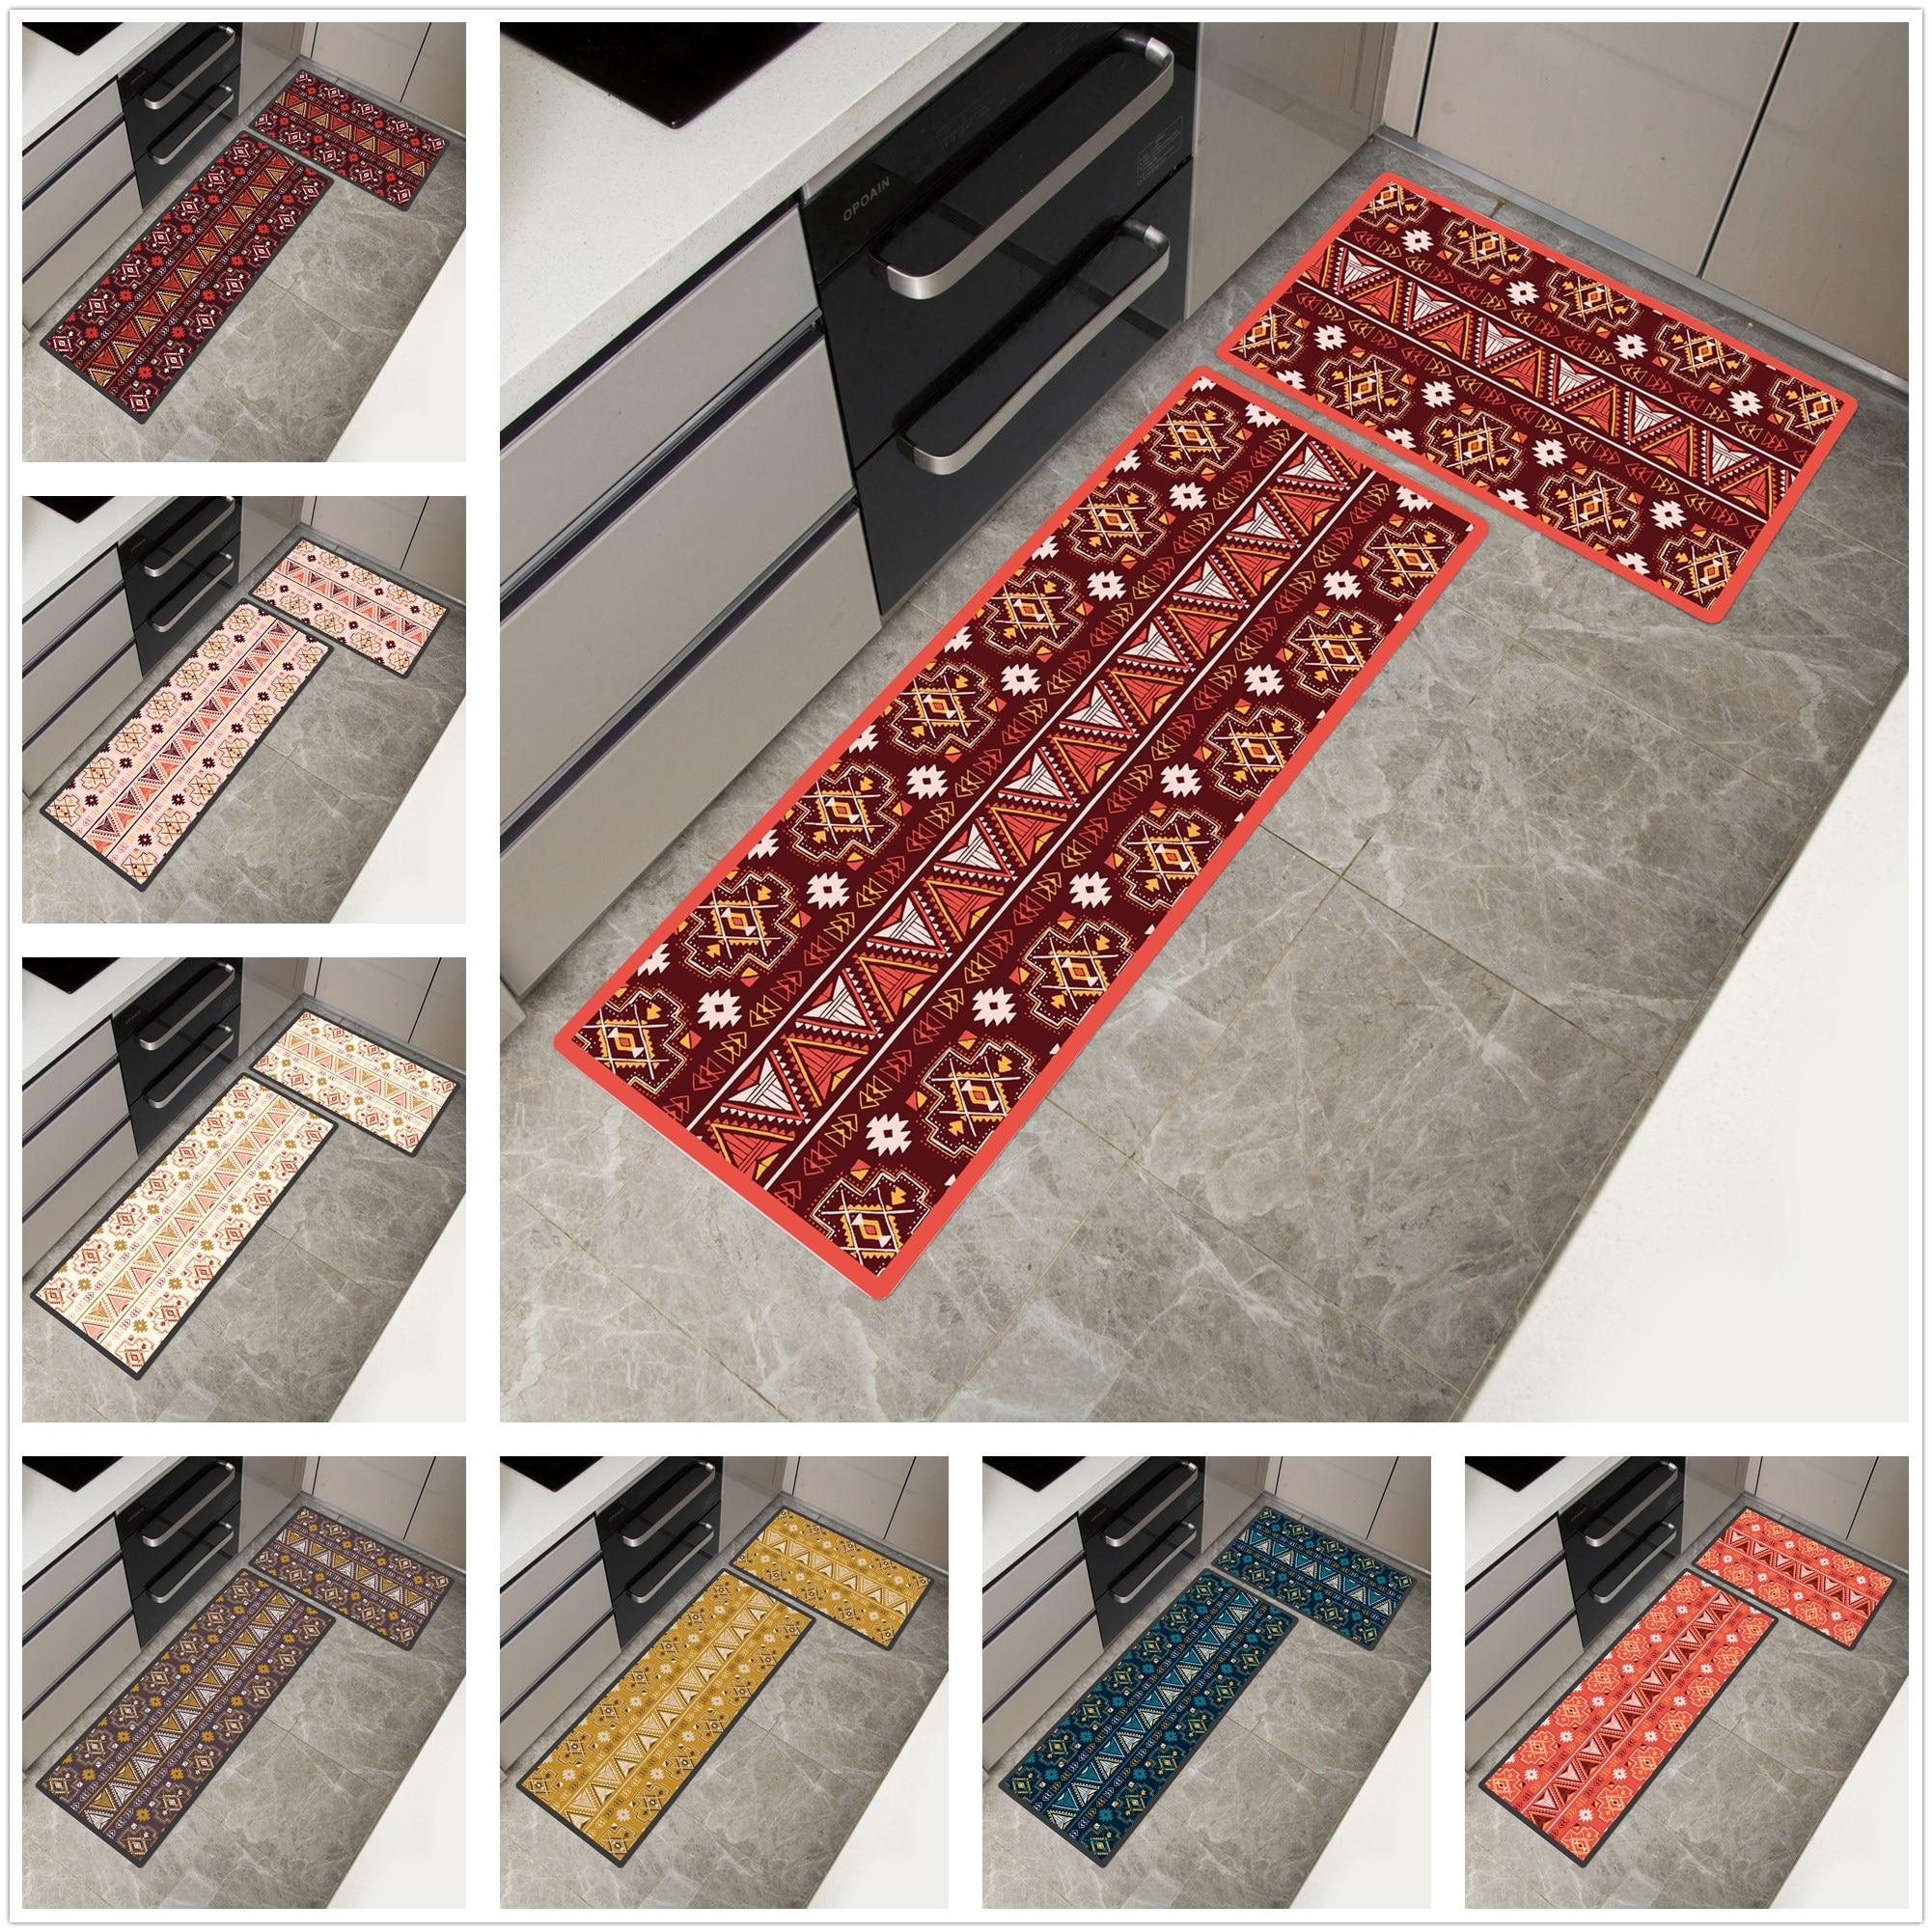 African Pattern Print Home Mat Waterproof Kitchen Carpet  Non slip Bath Mats Bed Front Mats  Floor Mat kitchen Rug-in Mat from Home & Garden